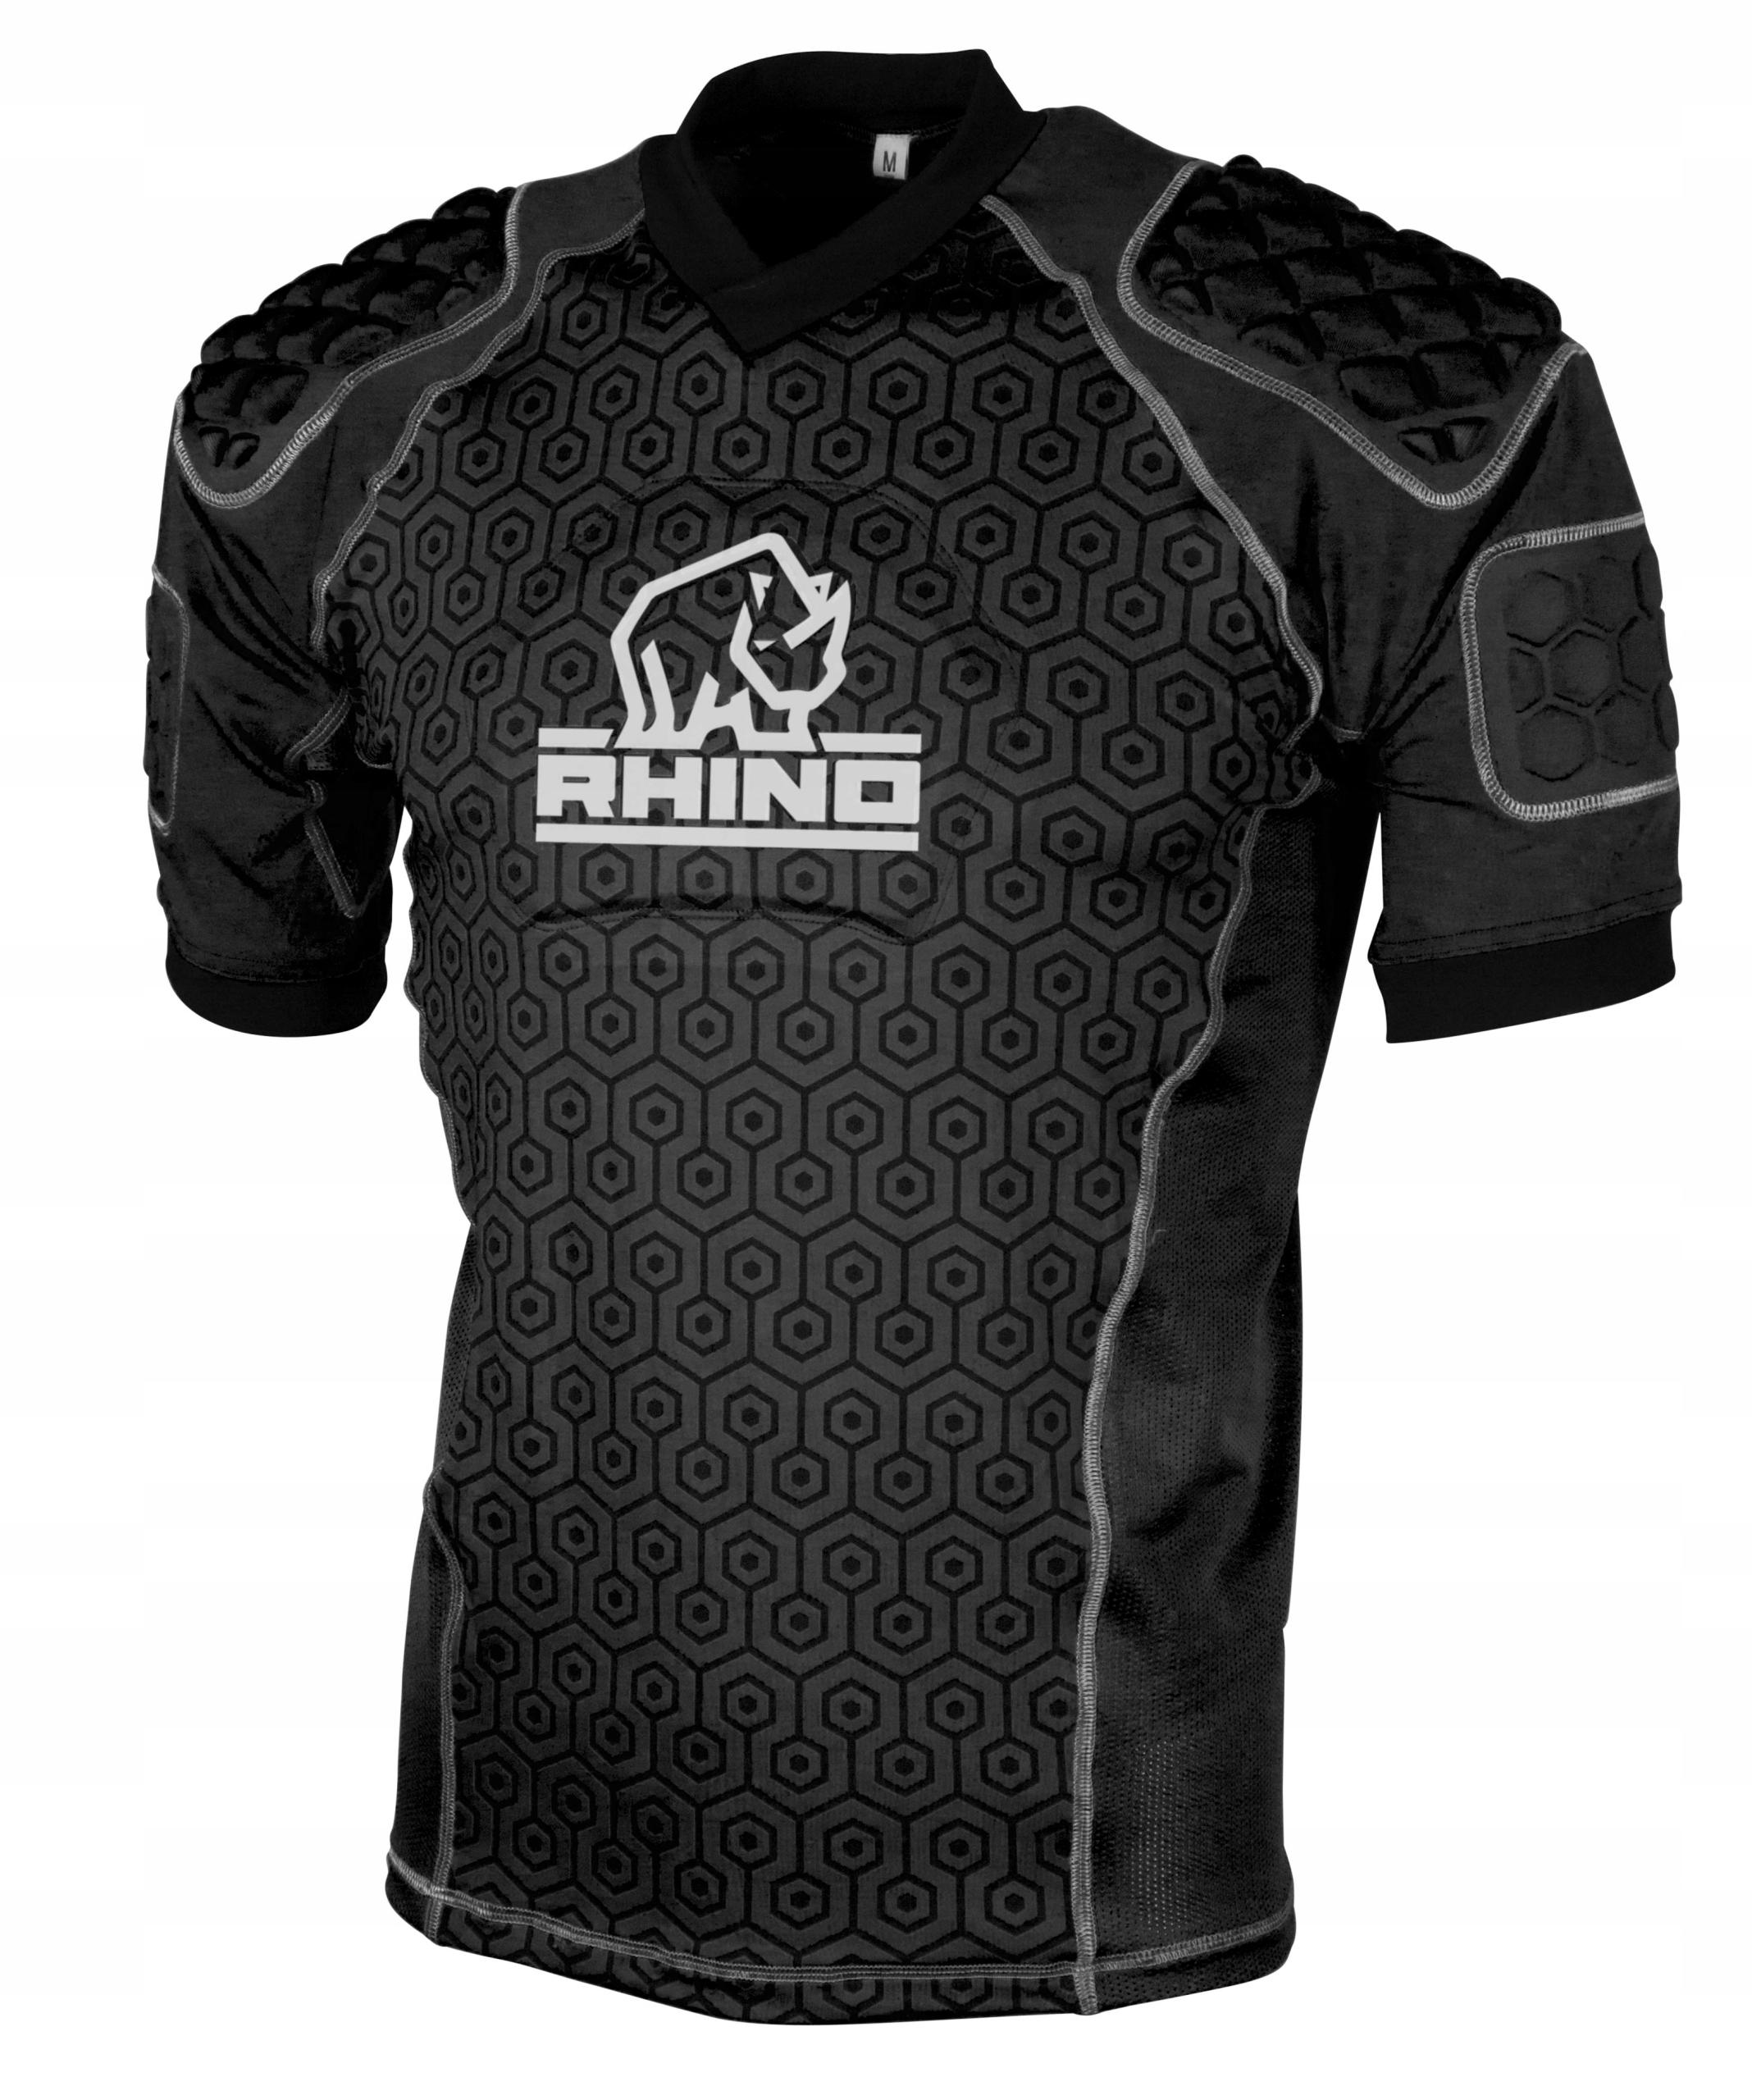 ochraniacz torsu Rhino Pro Body Protection Top SB